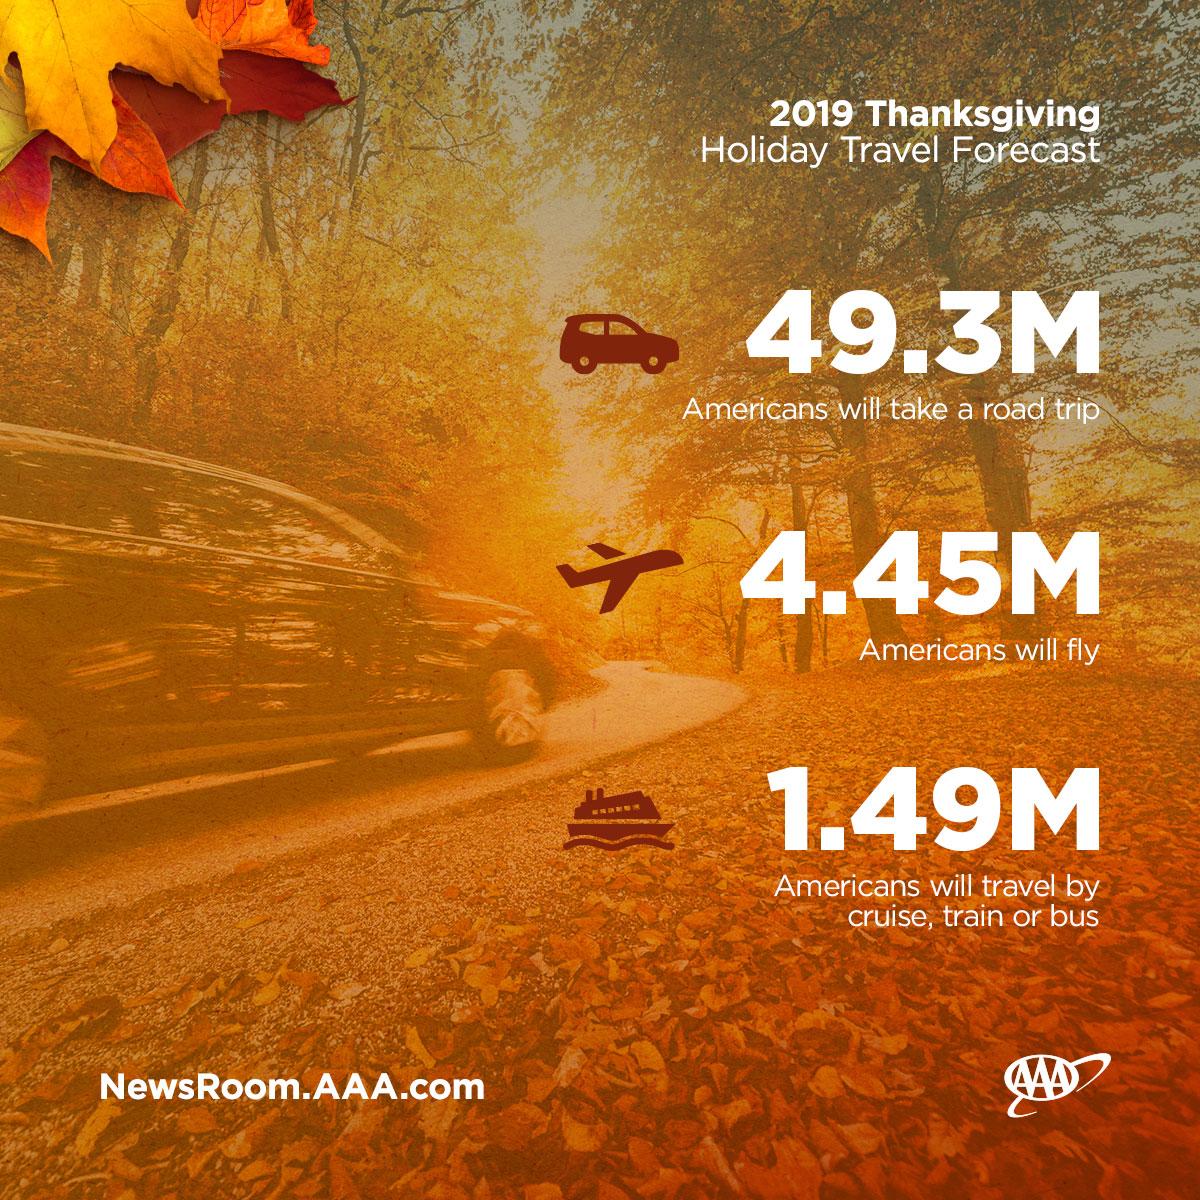 WPJ---2019-Thanksgiving-Travel-Forecast-Graphics_Modes-of-Travel.jpg